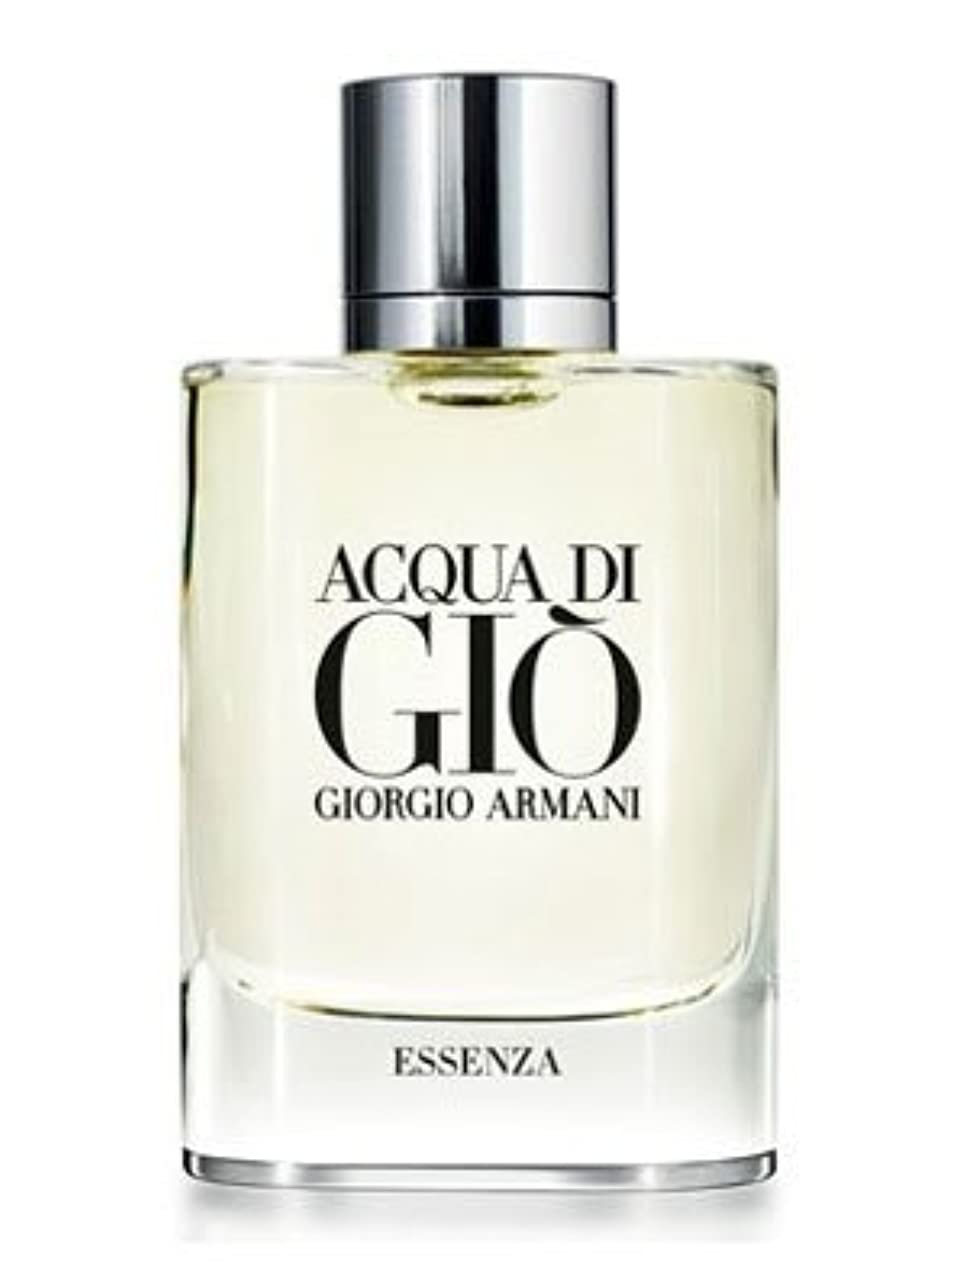 魔術雪の悲観的Acqua Di Gio Essenza (アクア デ ジオ エッセンツァ) 2.5 oz (75ml) EDP Spray for Men